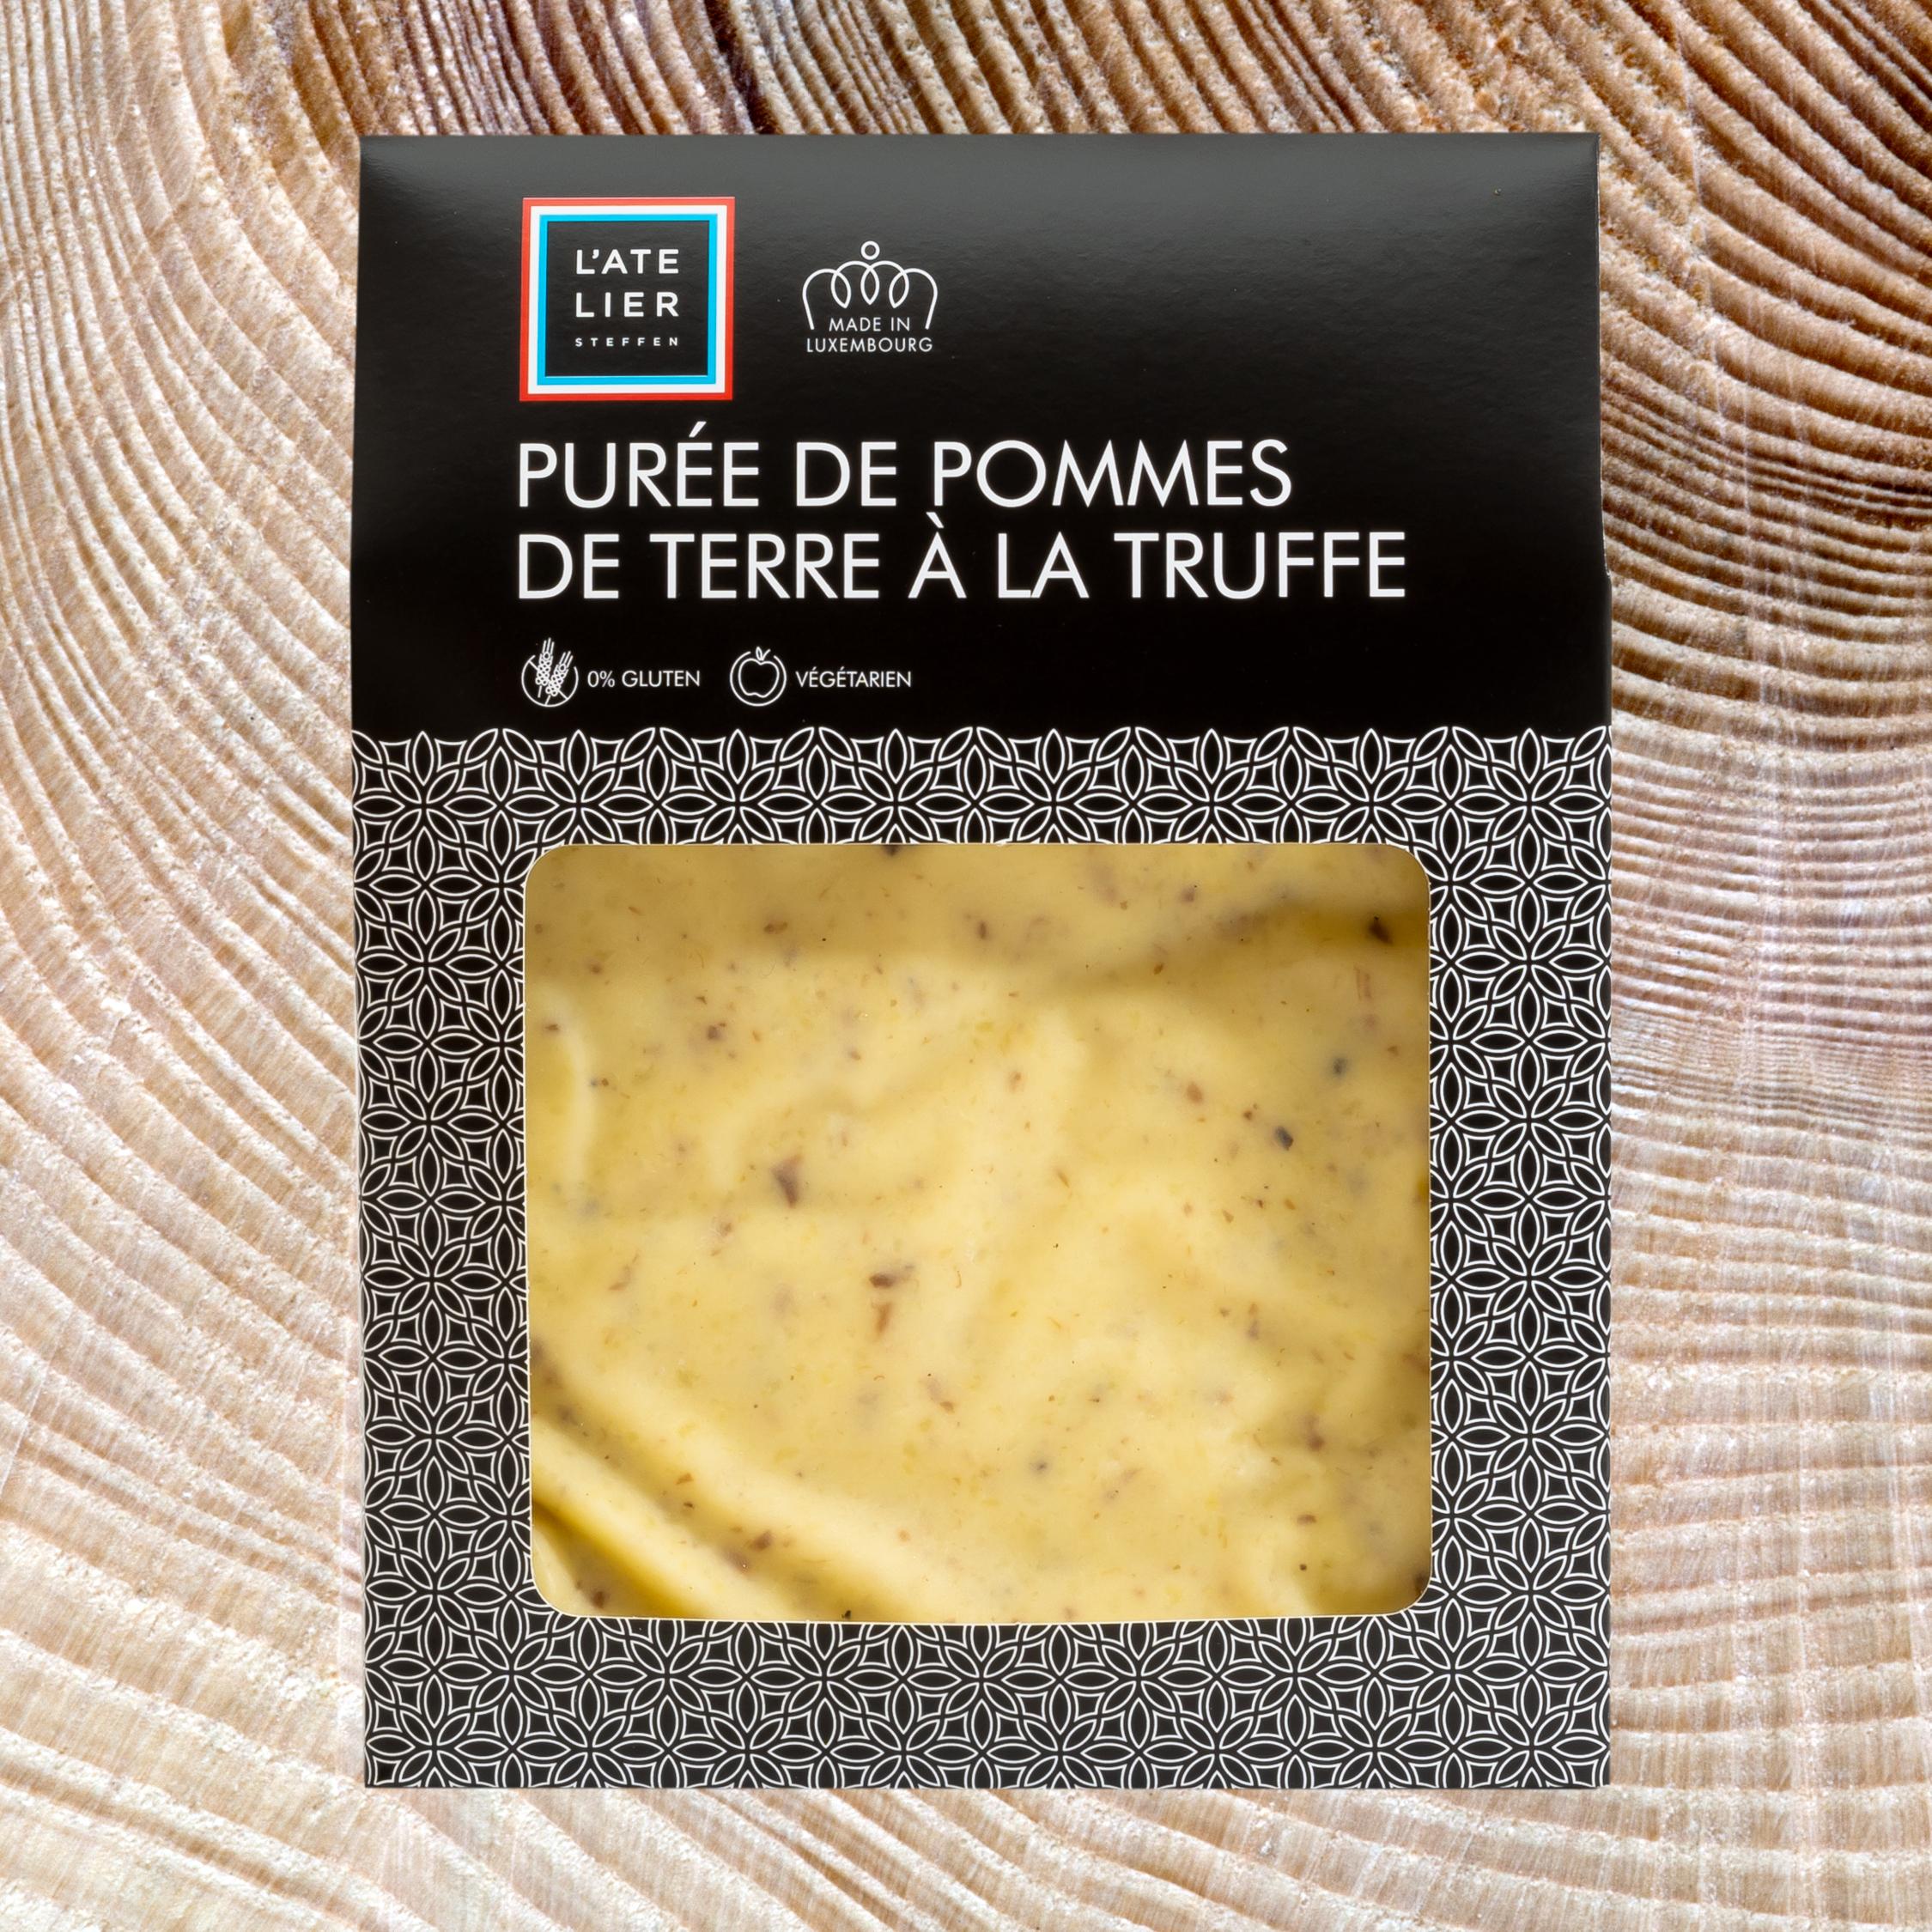 Purée de pommes de terre à la truffe